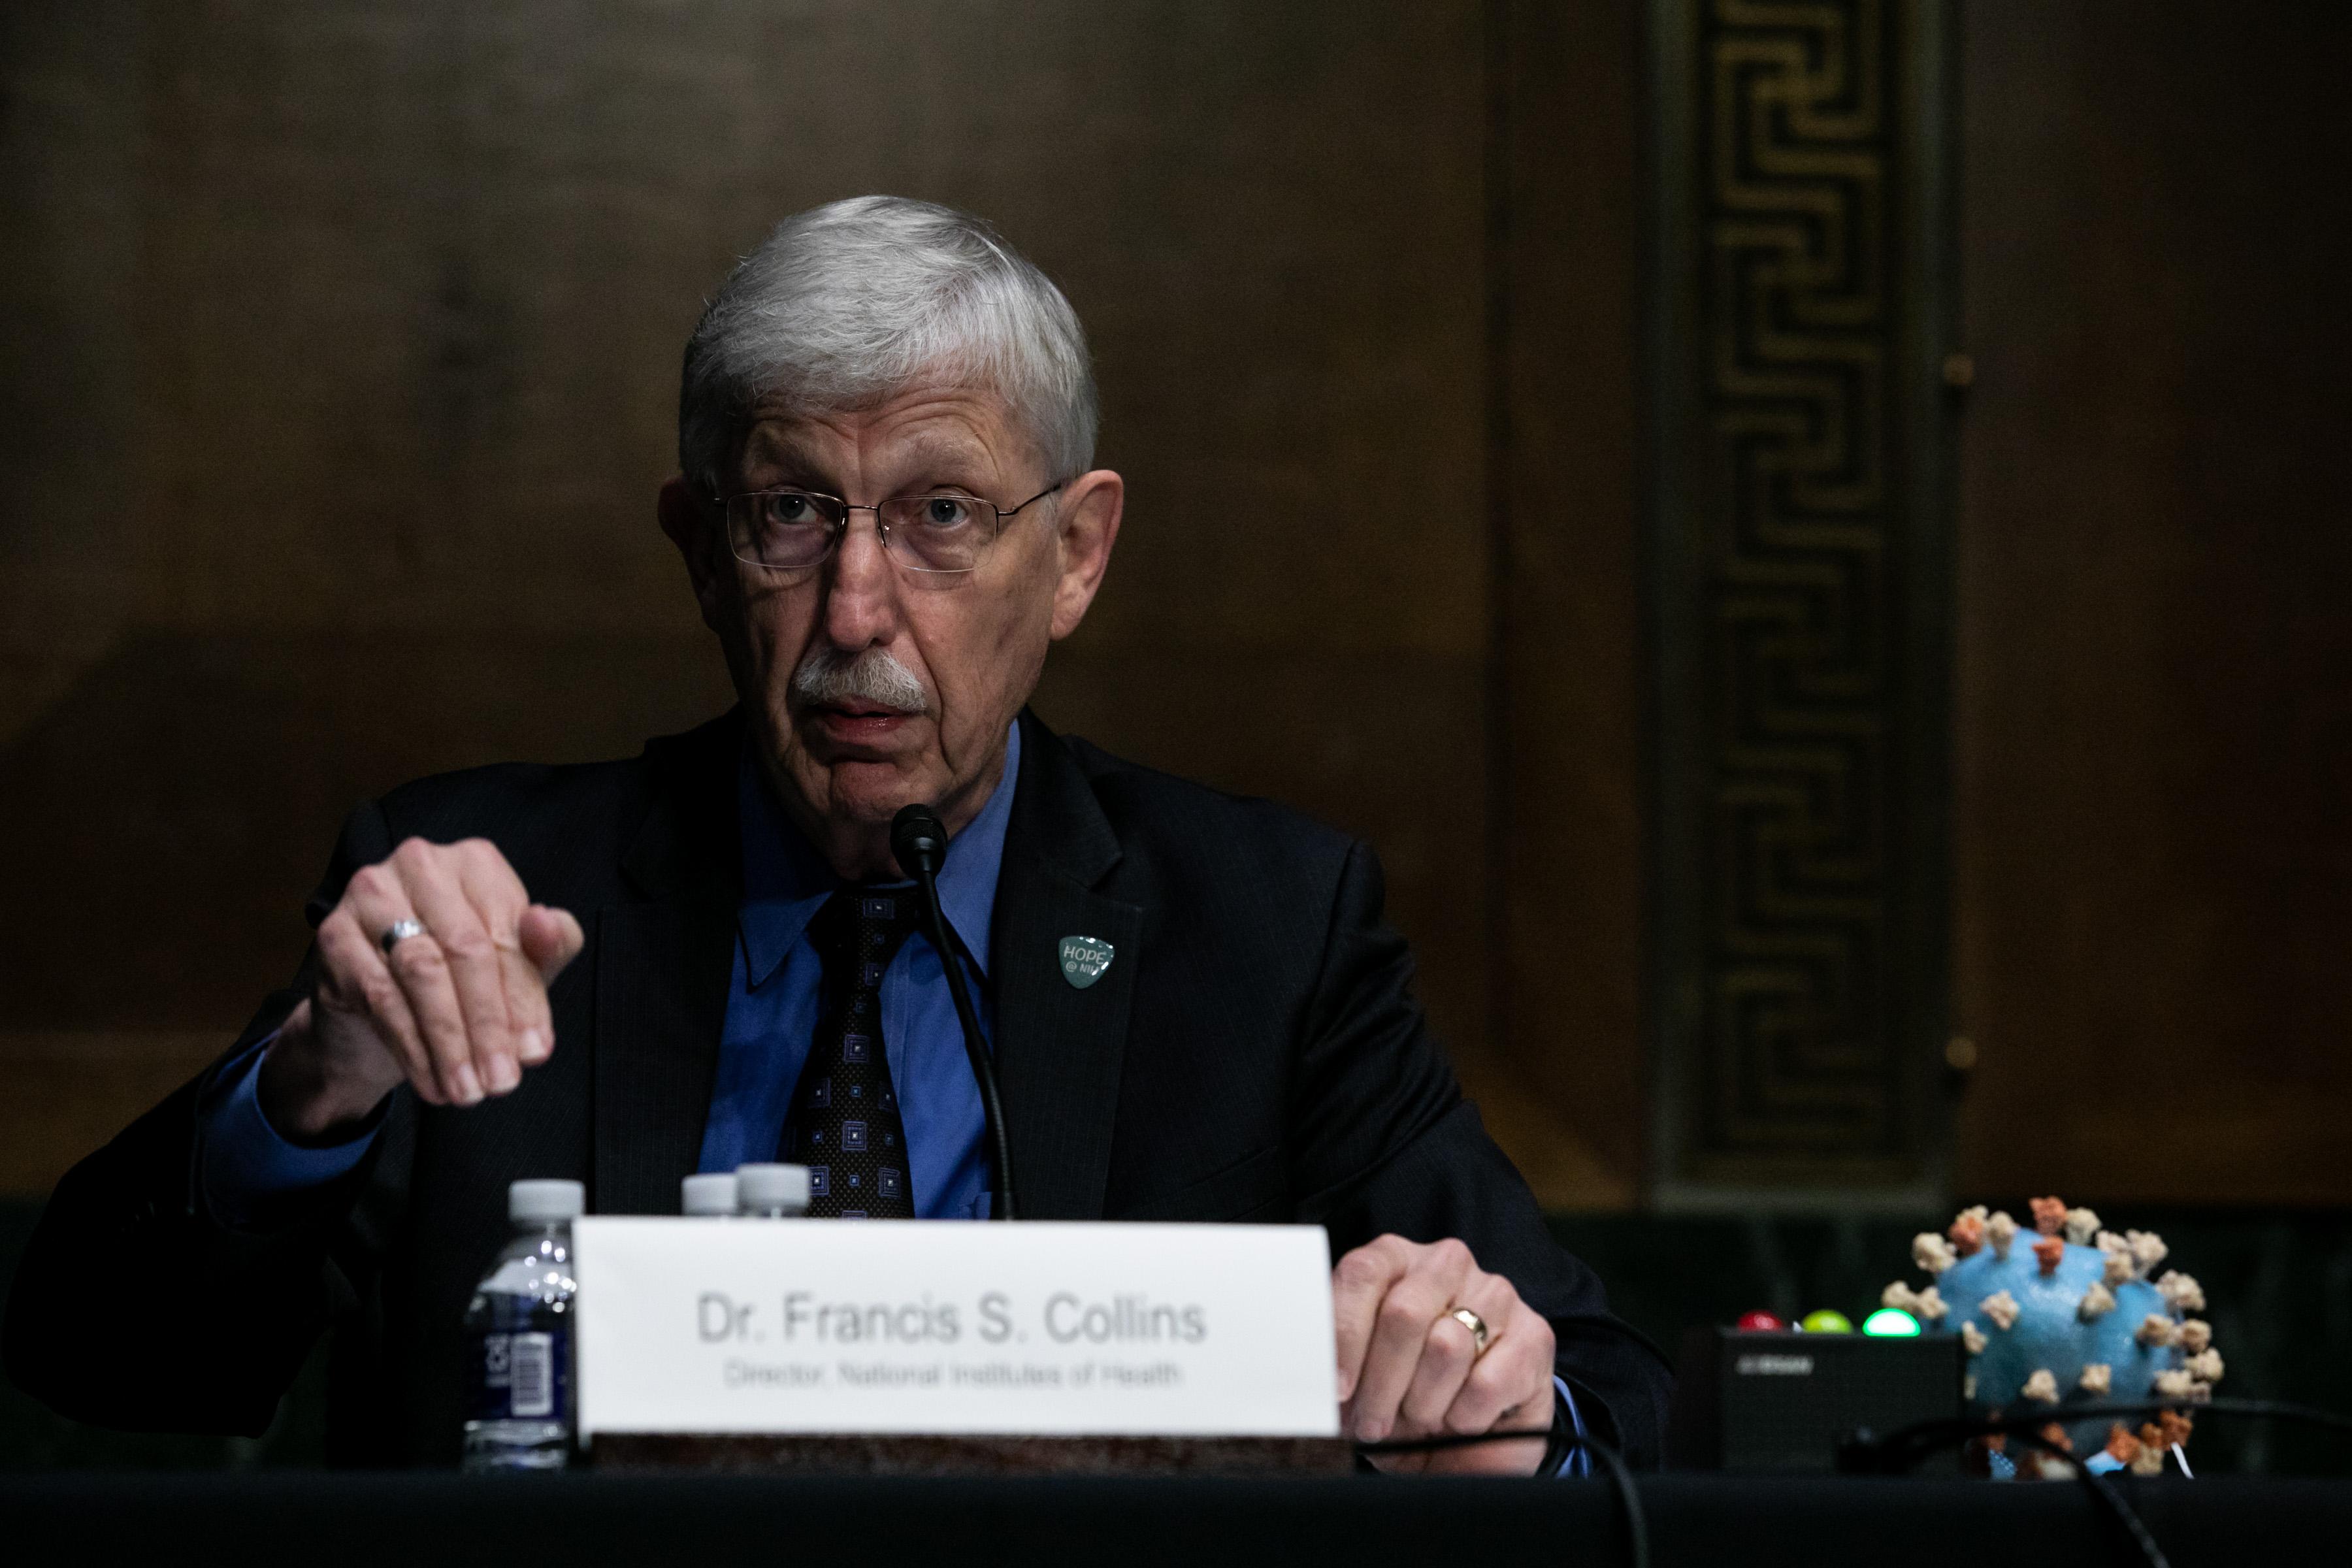 國家衛生研究院(NIH)院長弗朗西斯·柯林斯(Francis Collins)於2020年7月2日在美國參議院聽證會上就生產中共病毒(武漢肺炎)疫苗作證。(Graeme Jennings-Pool/Getty Images)